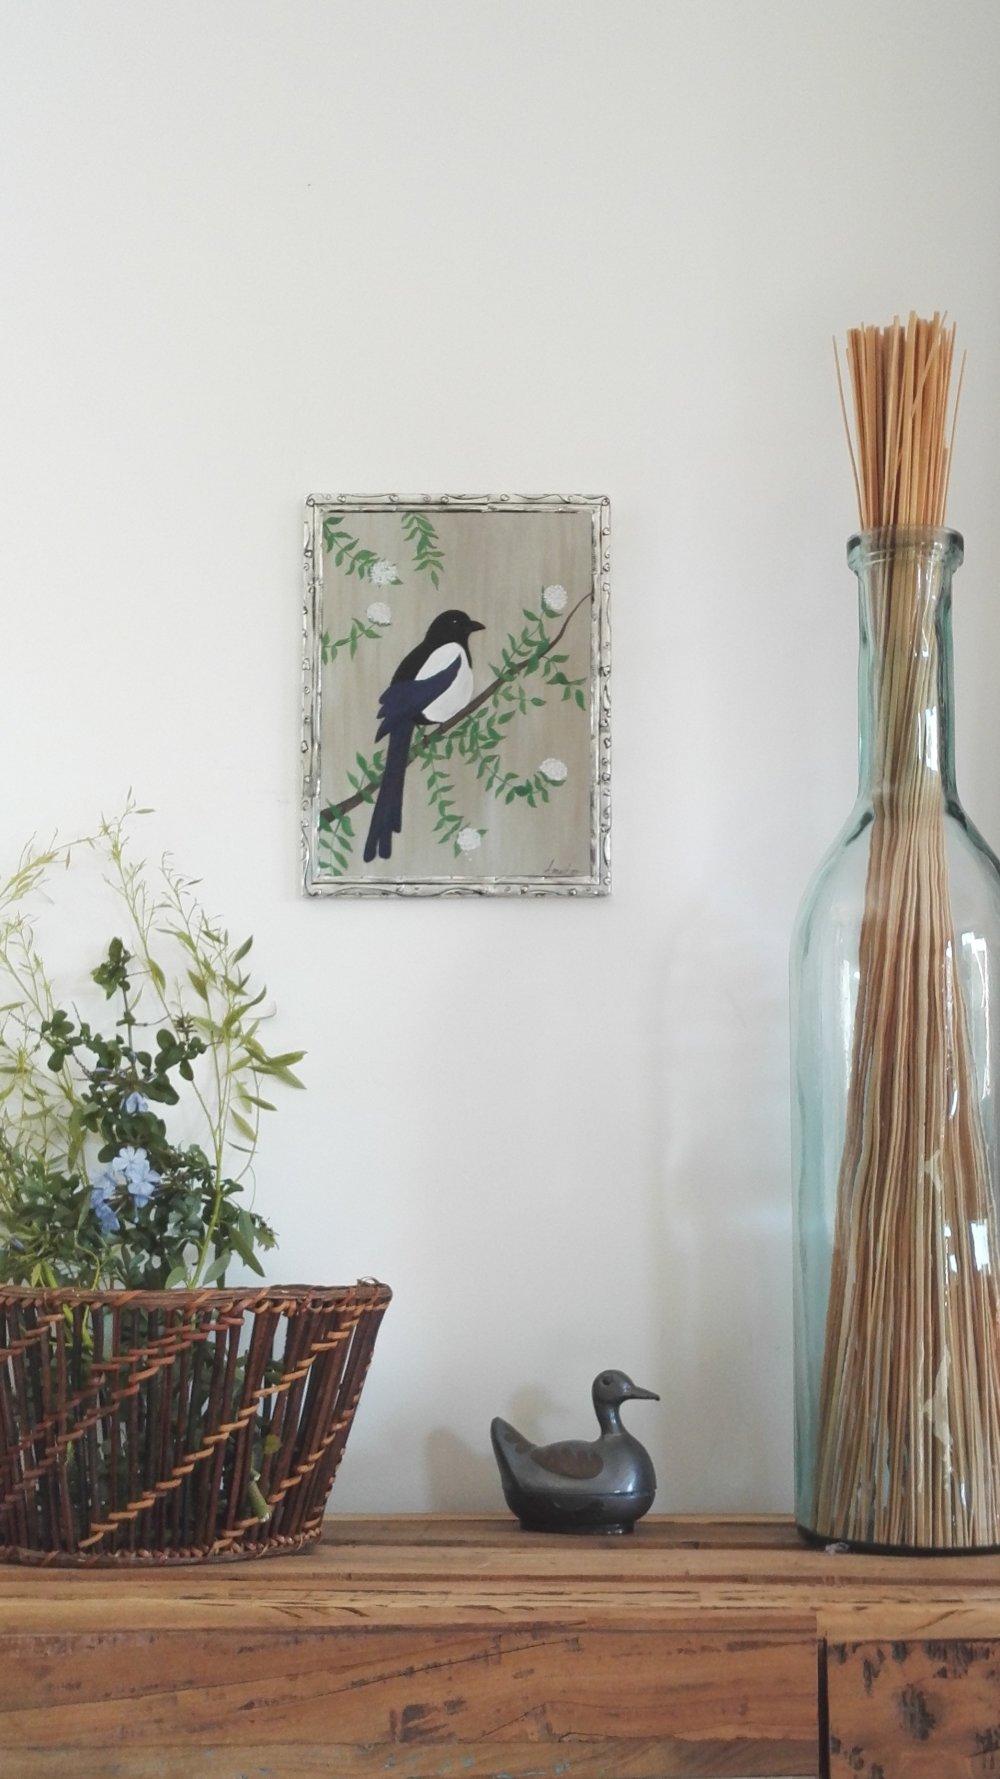 Tableau Peinture Oiseau La Pie Bavarde Sur Bois Et En Cadre Metal Repousse Un Grand Marche